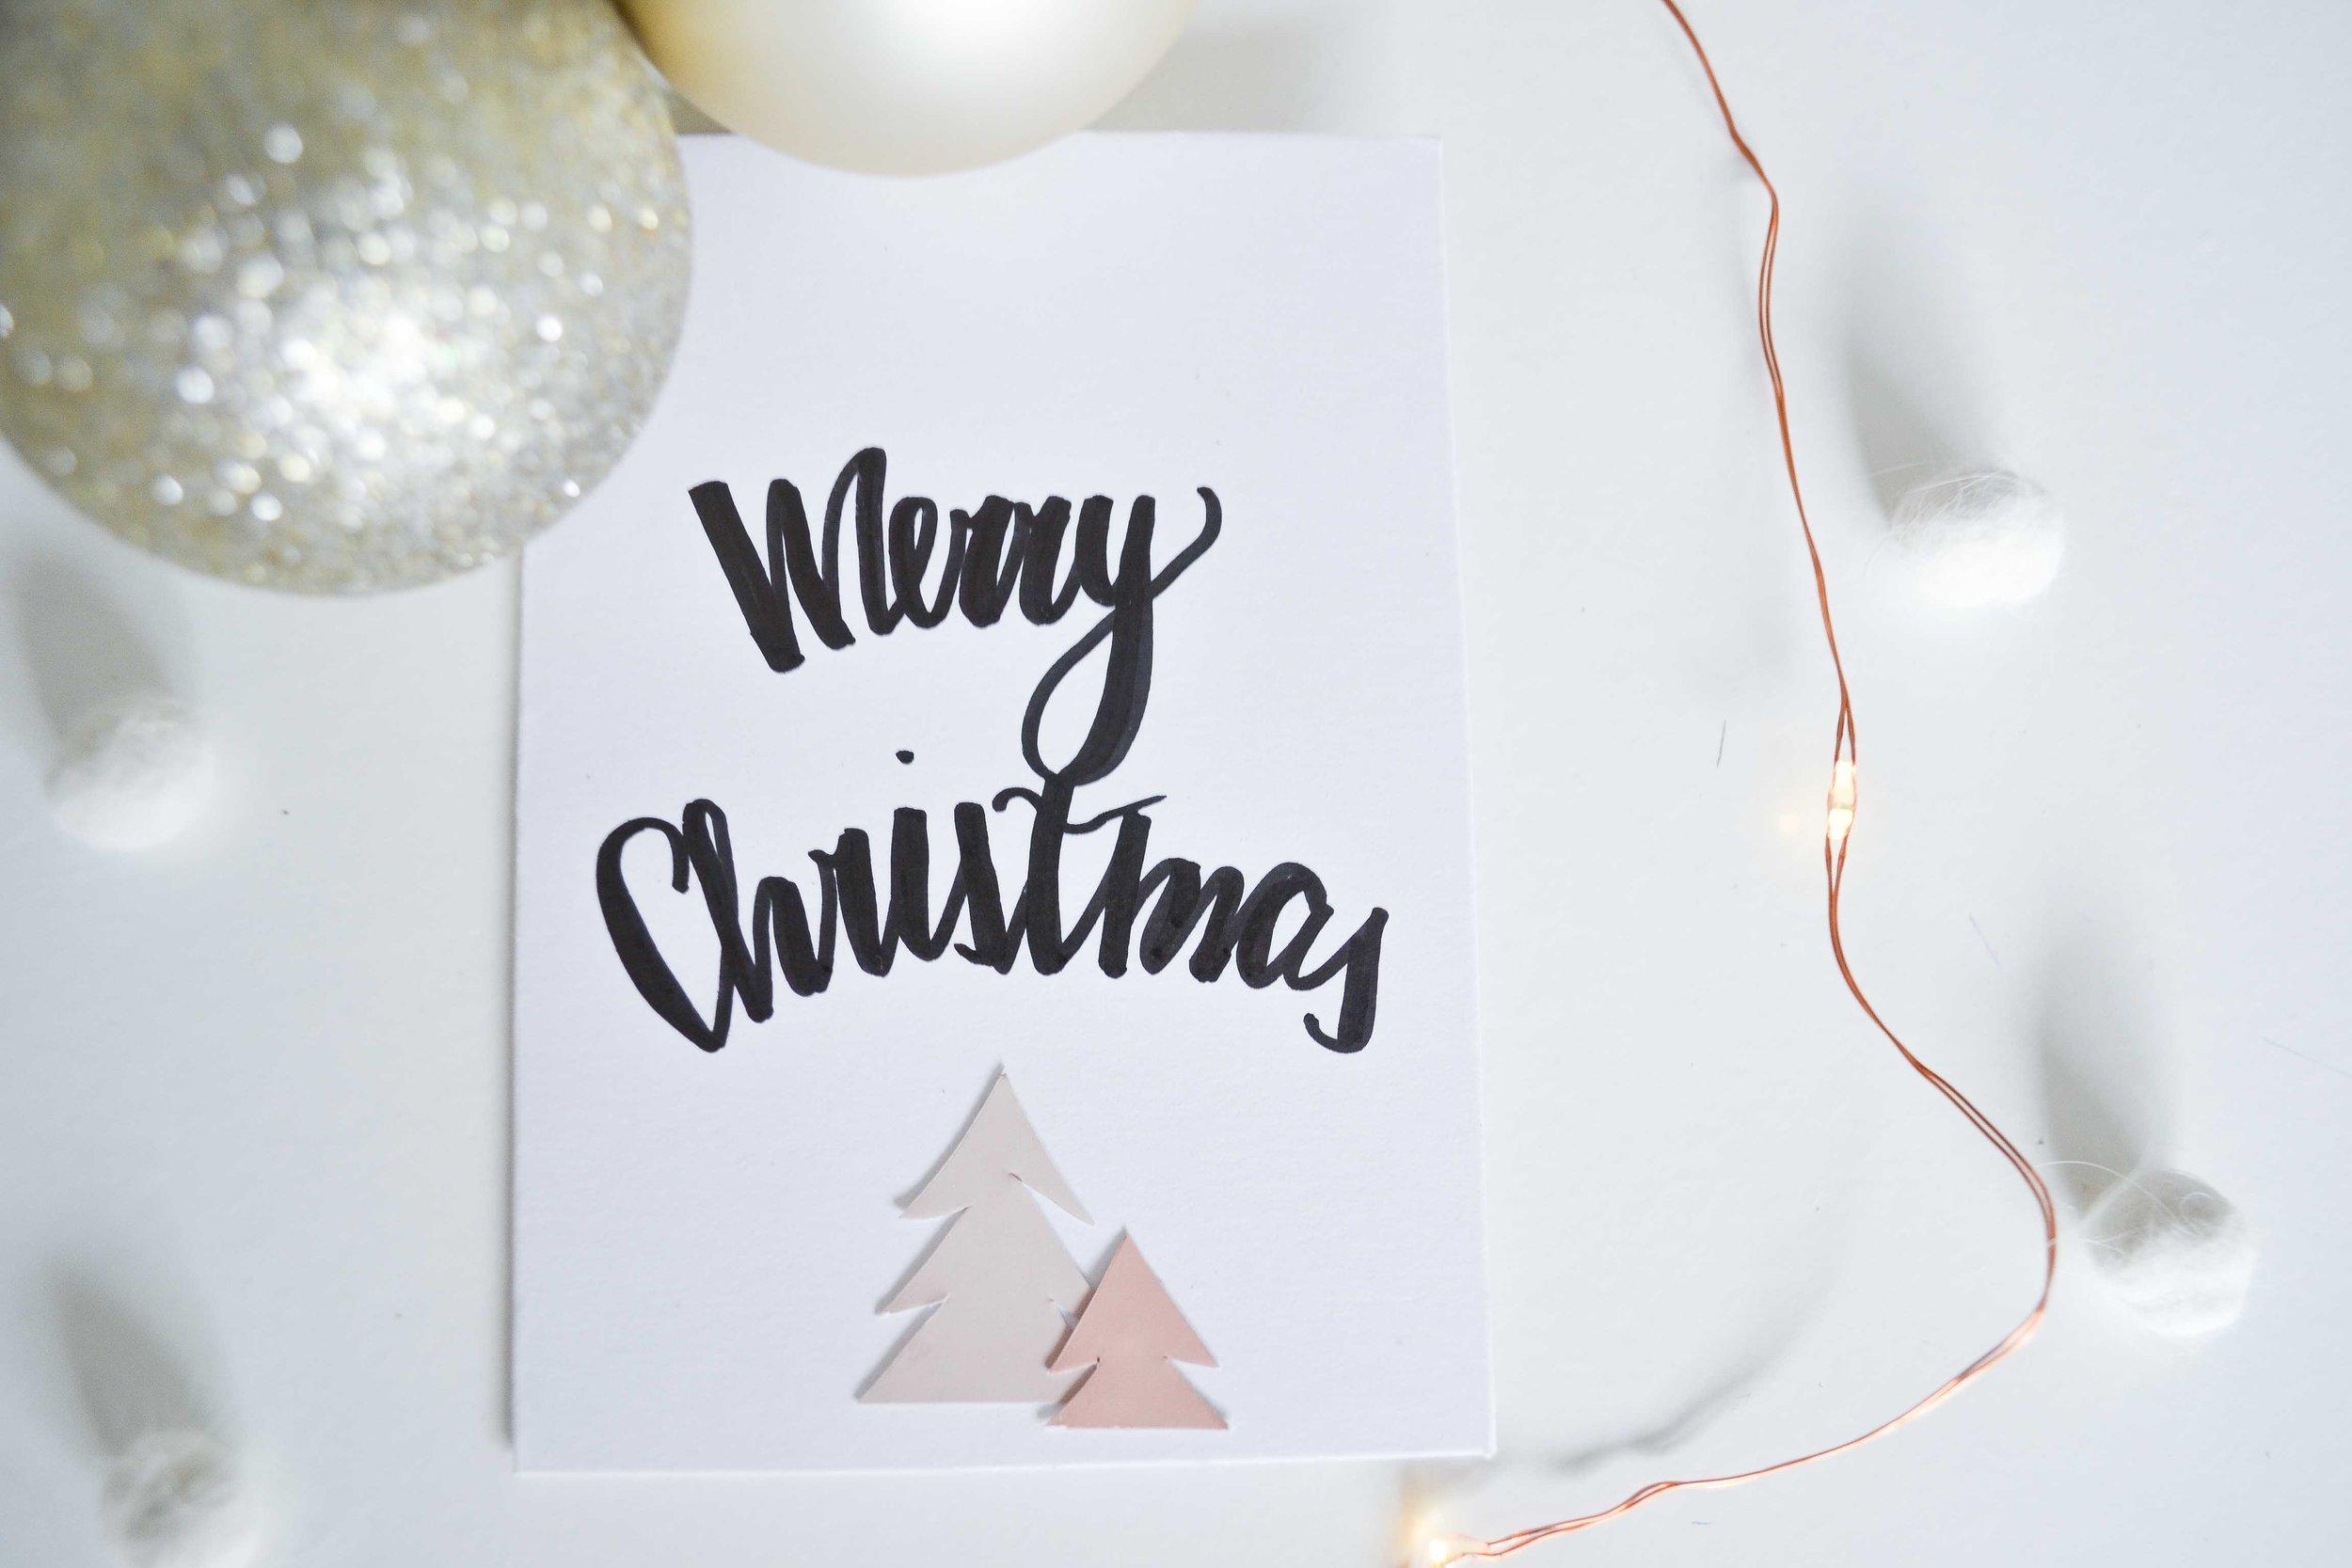 Oh-I-adore-DIY-Christmas-card-2 (1 of 1).jpg